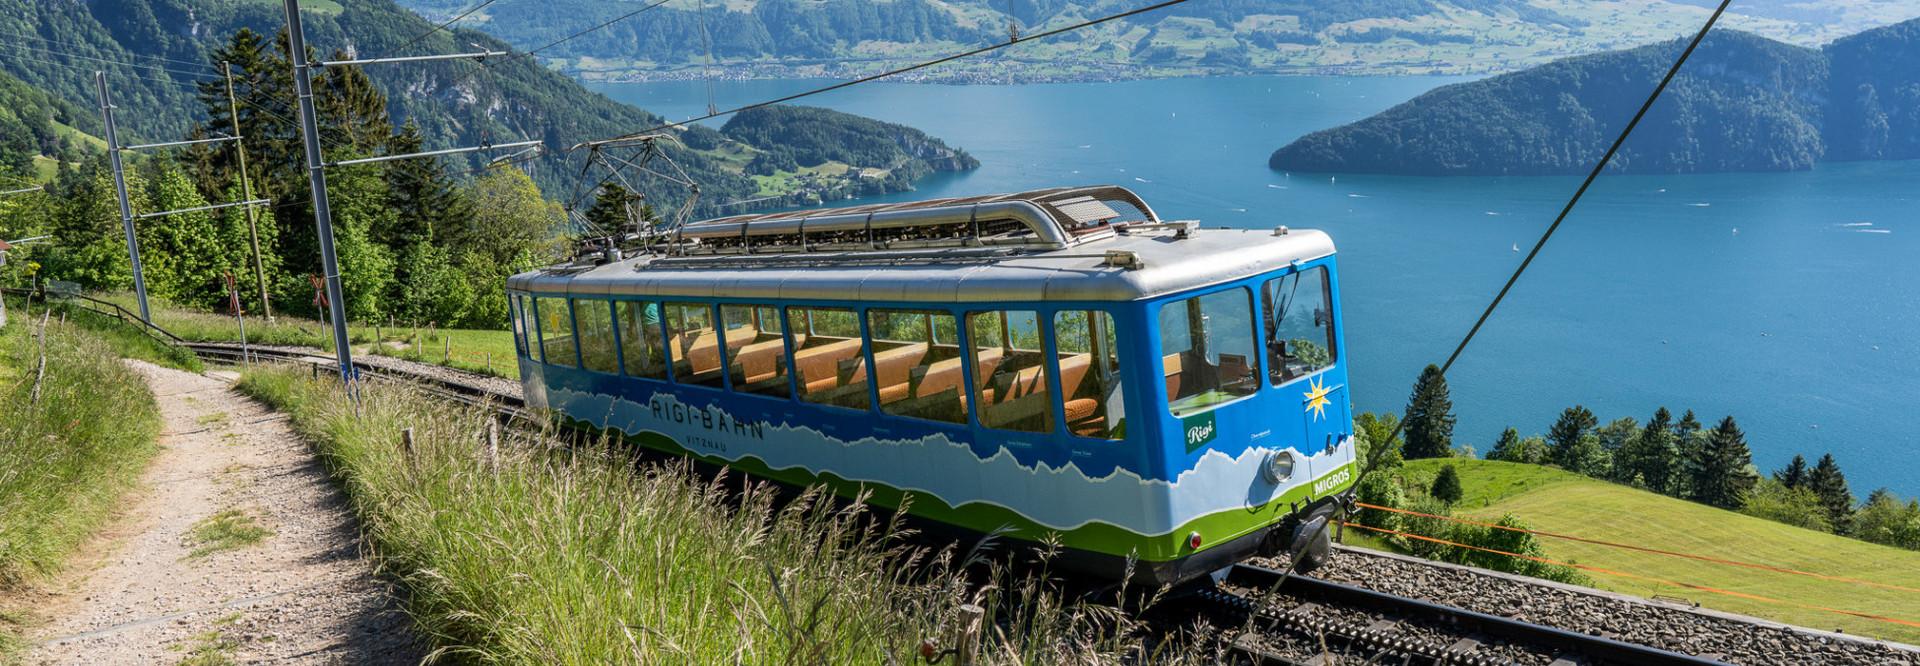 Eine blaue Rigi Bahn fährt die Rigi hoch mit dem Vierwaldstättersee im Hintergrund